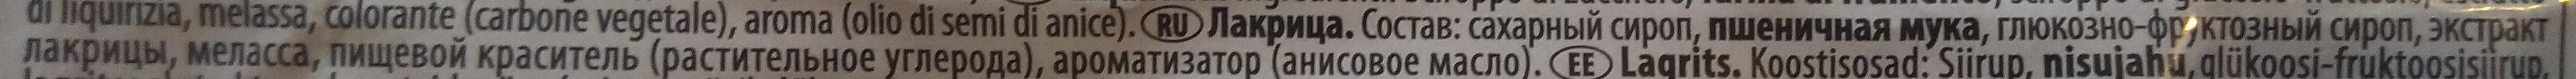 Paksu Pepe XXL Original - Ингредиенты - ru